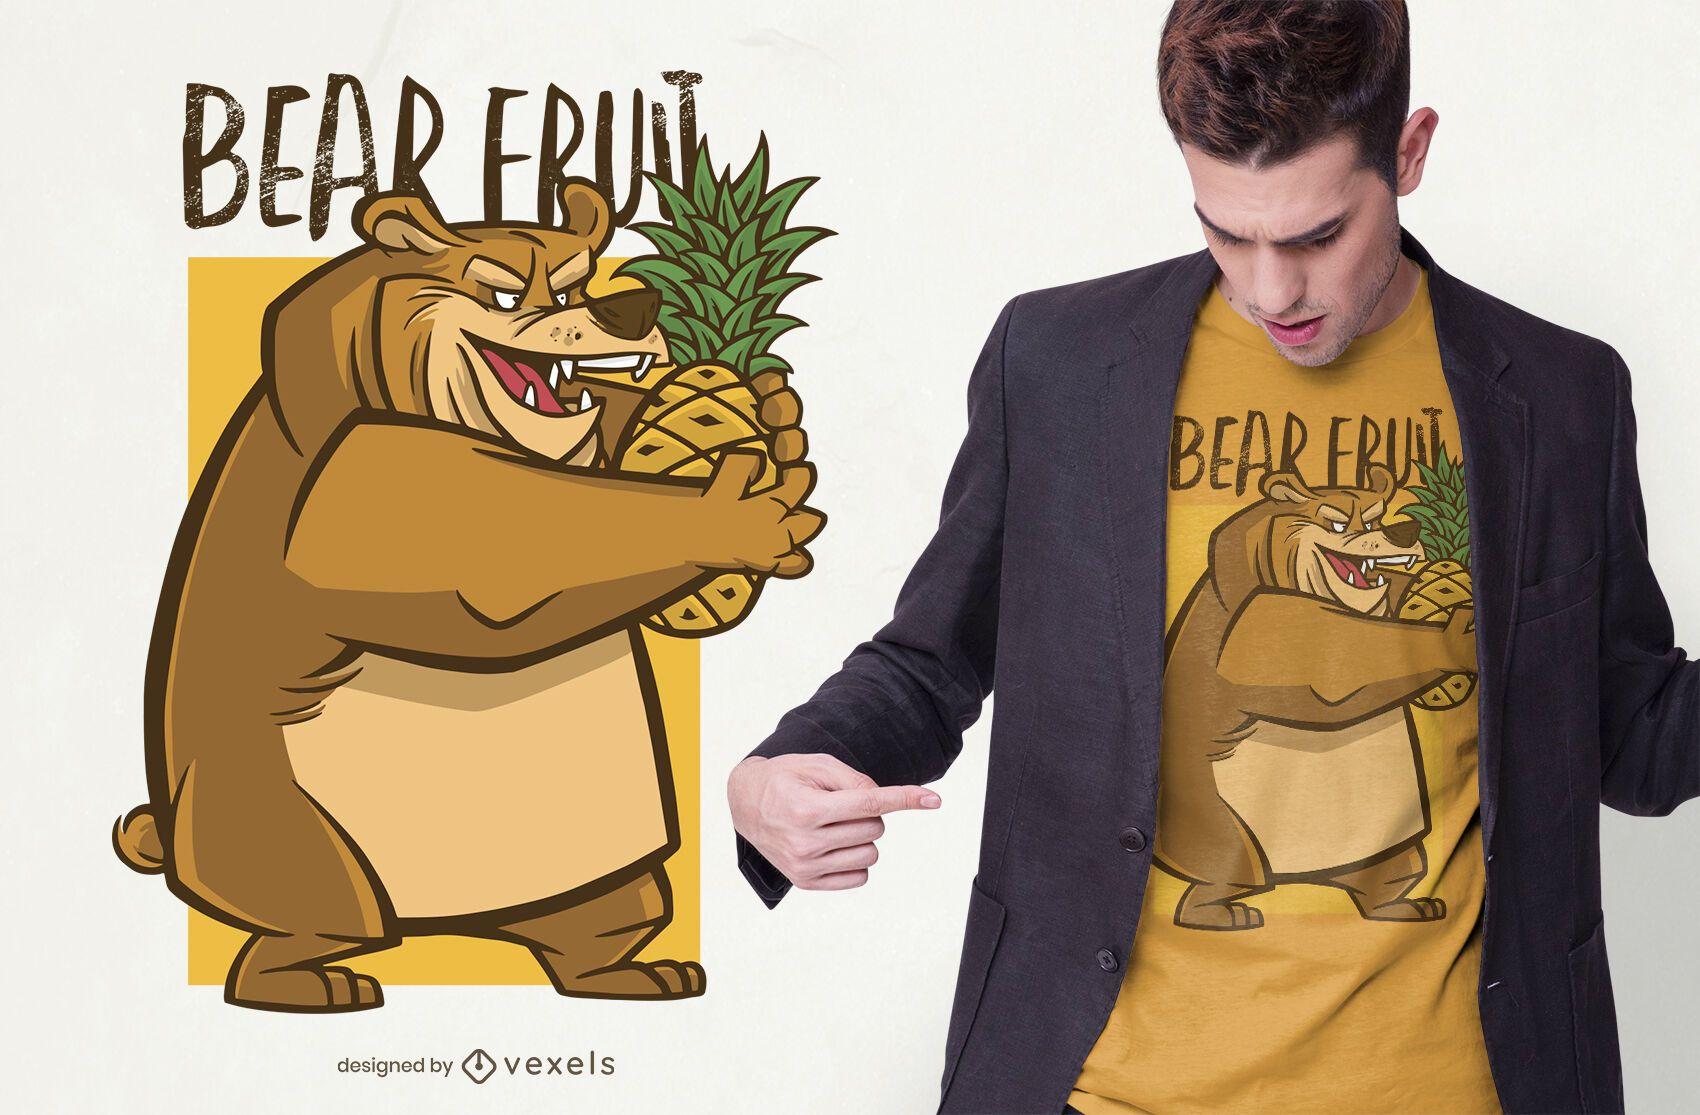 bear fruit t-shirt design